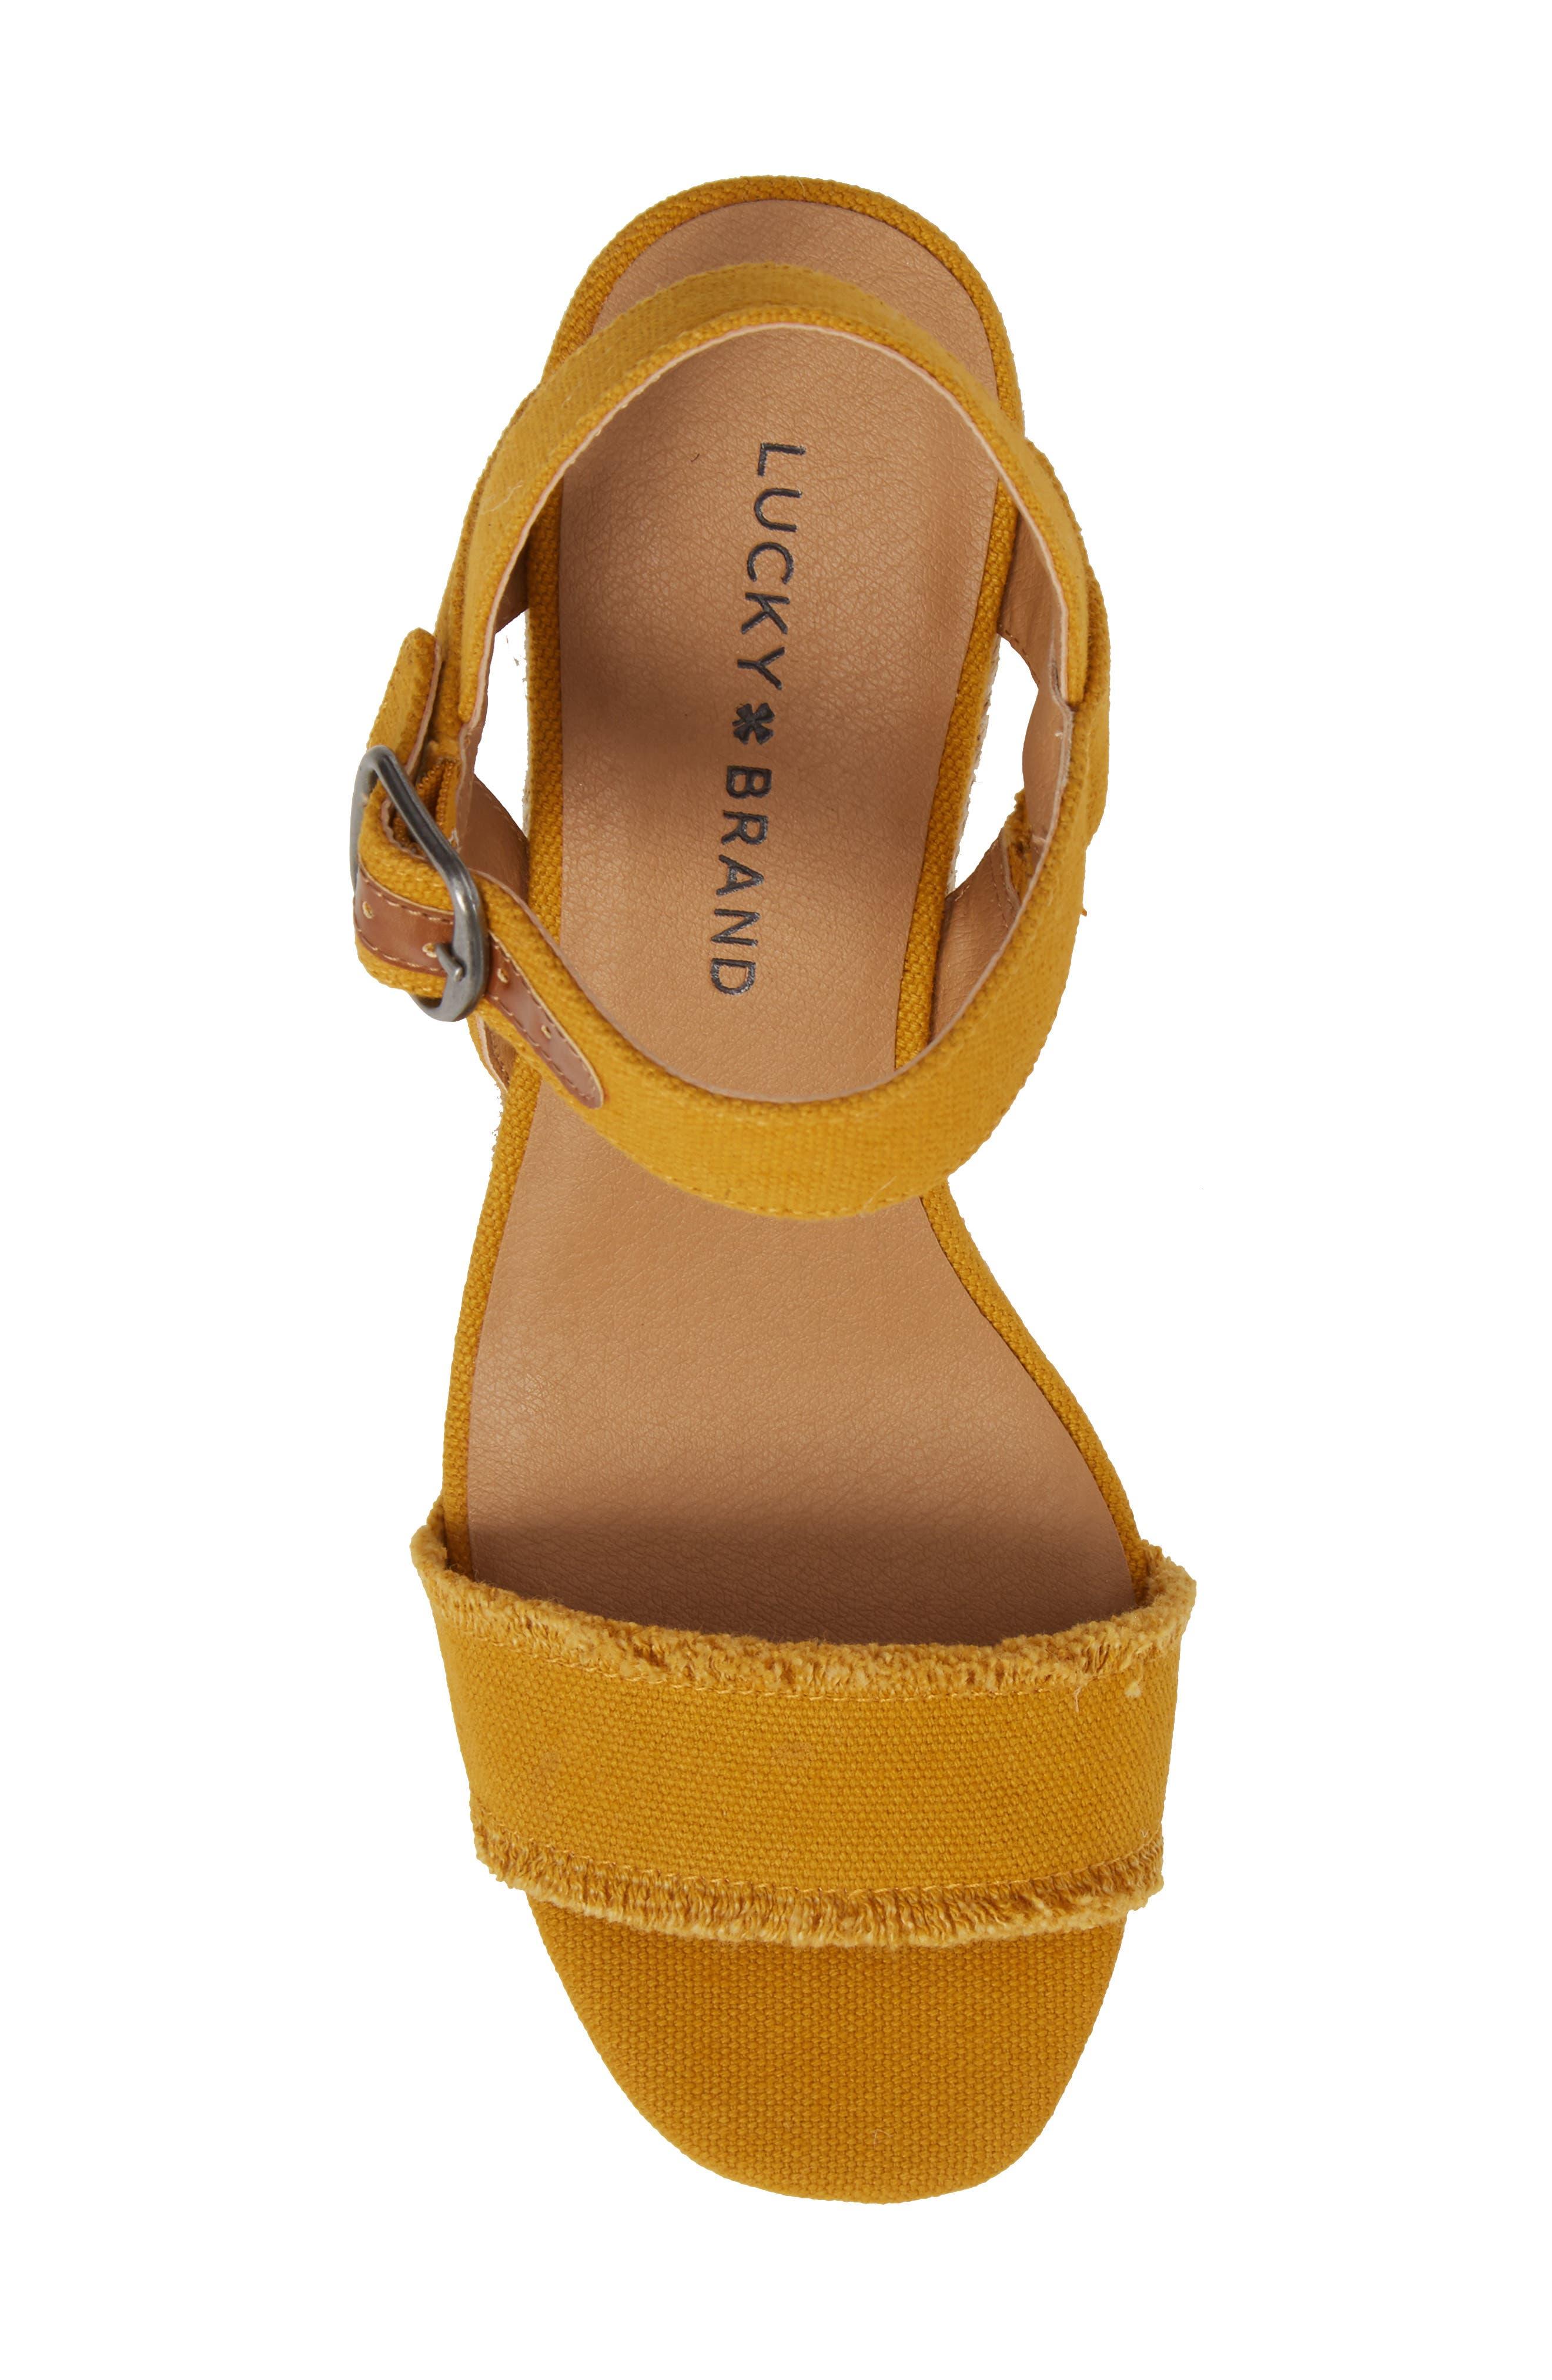 Marceline Squared Toe Wedge Sandal,                             Alternate thumbnail 34, color,